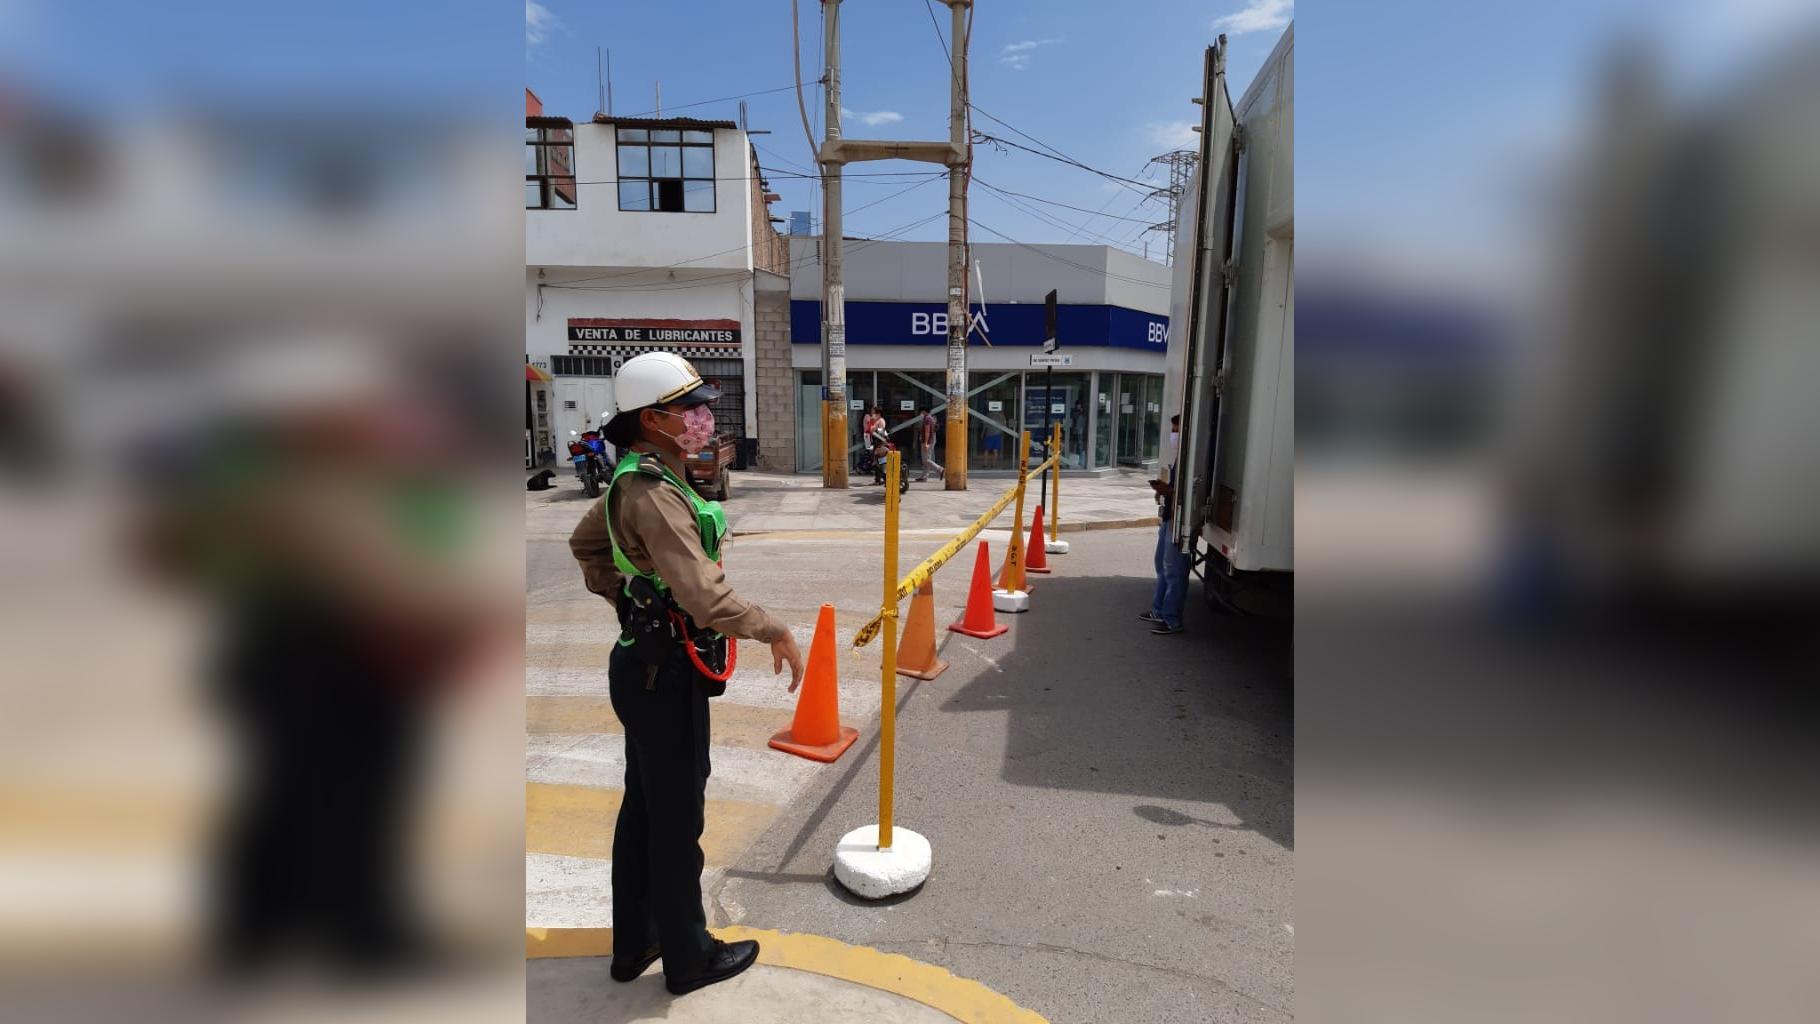 La policía e inspectores de tránsito harán cumplir la medida